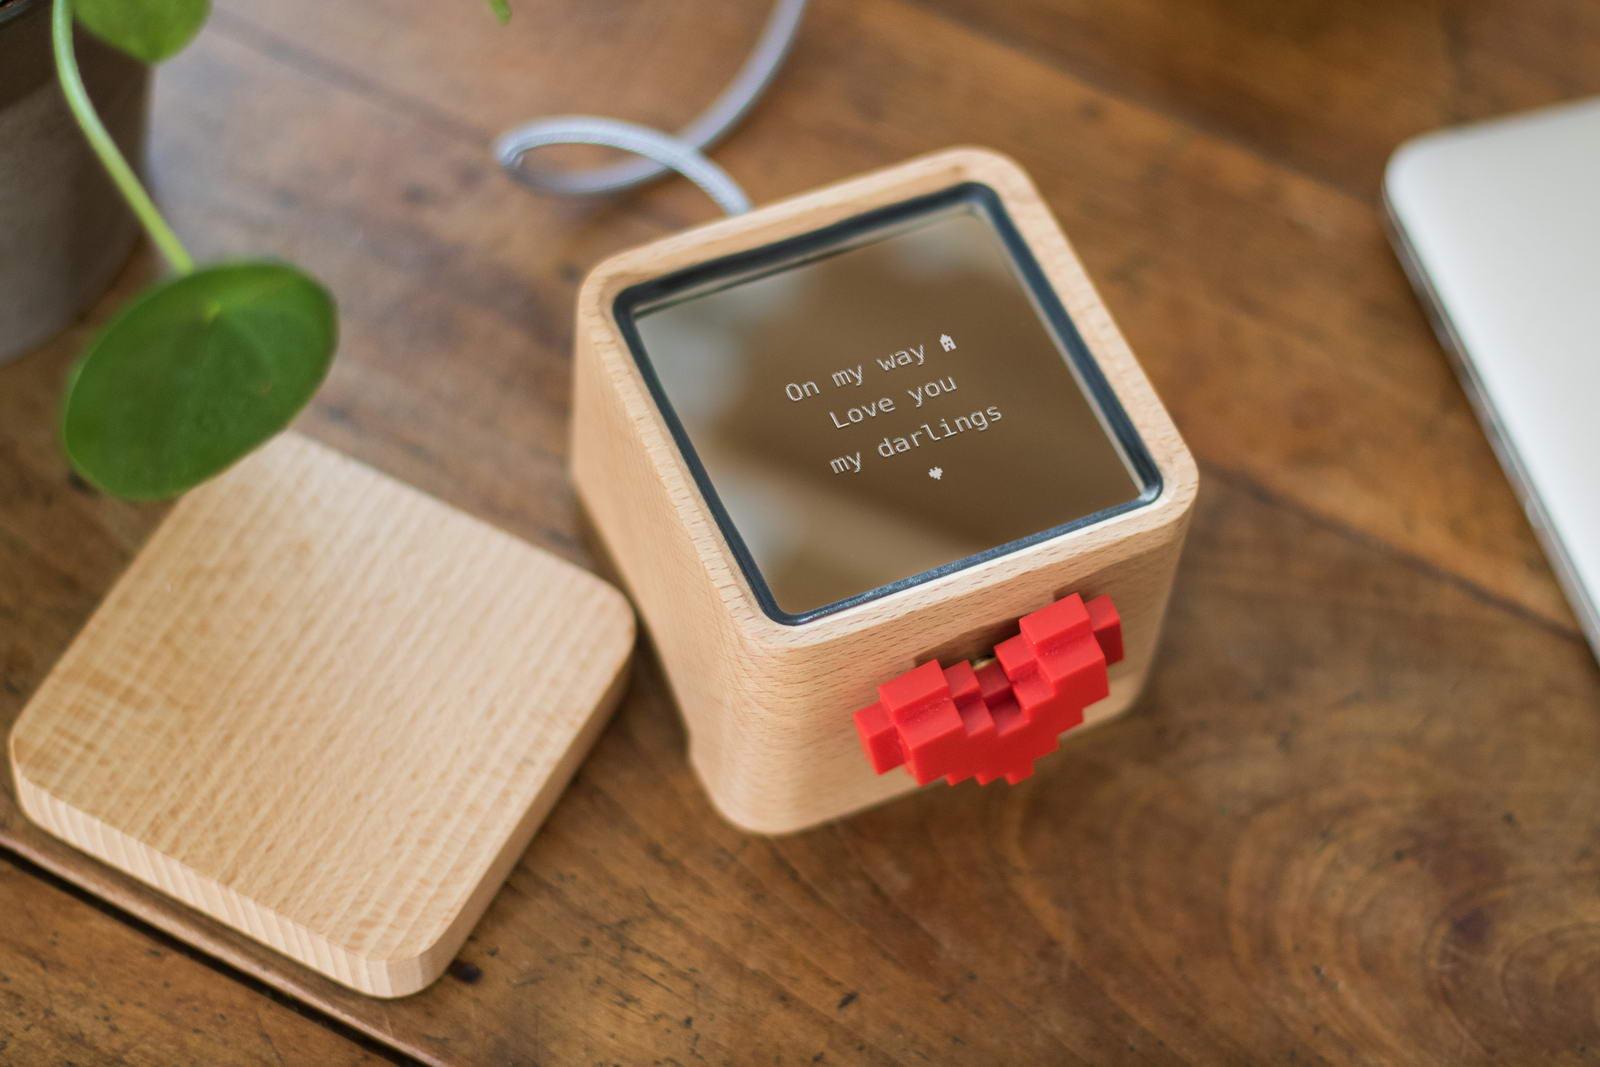 I migliori regali di San Valentino tech per lui e per lei